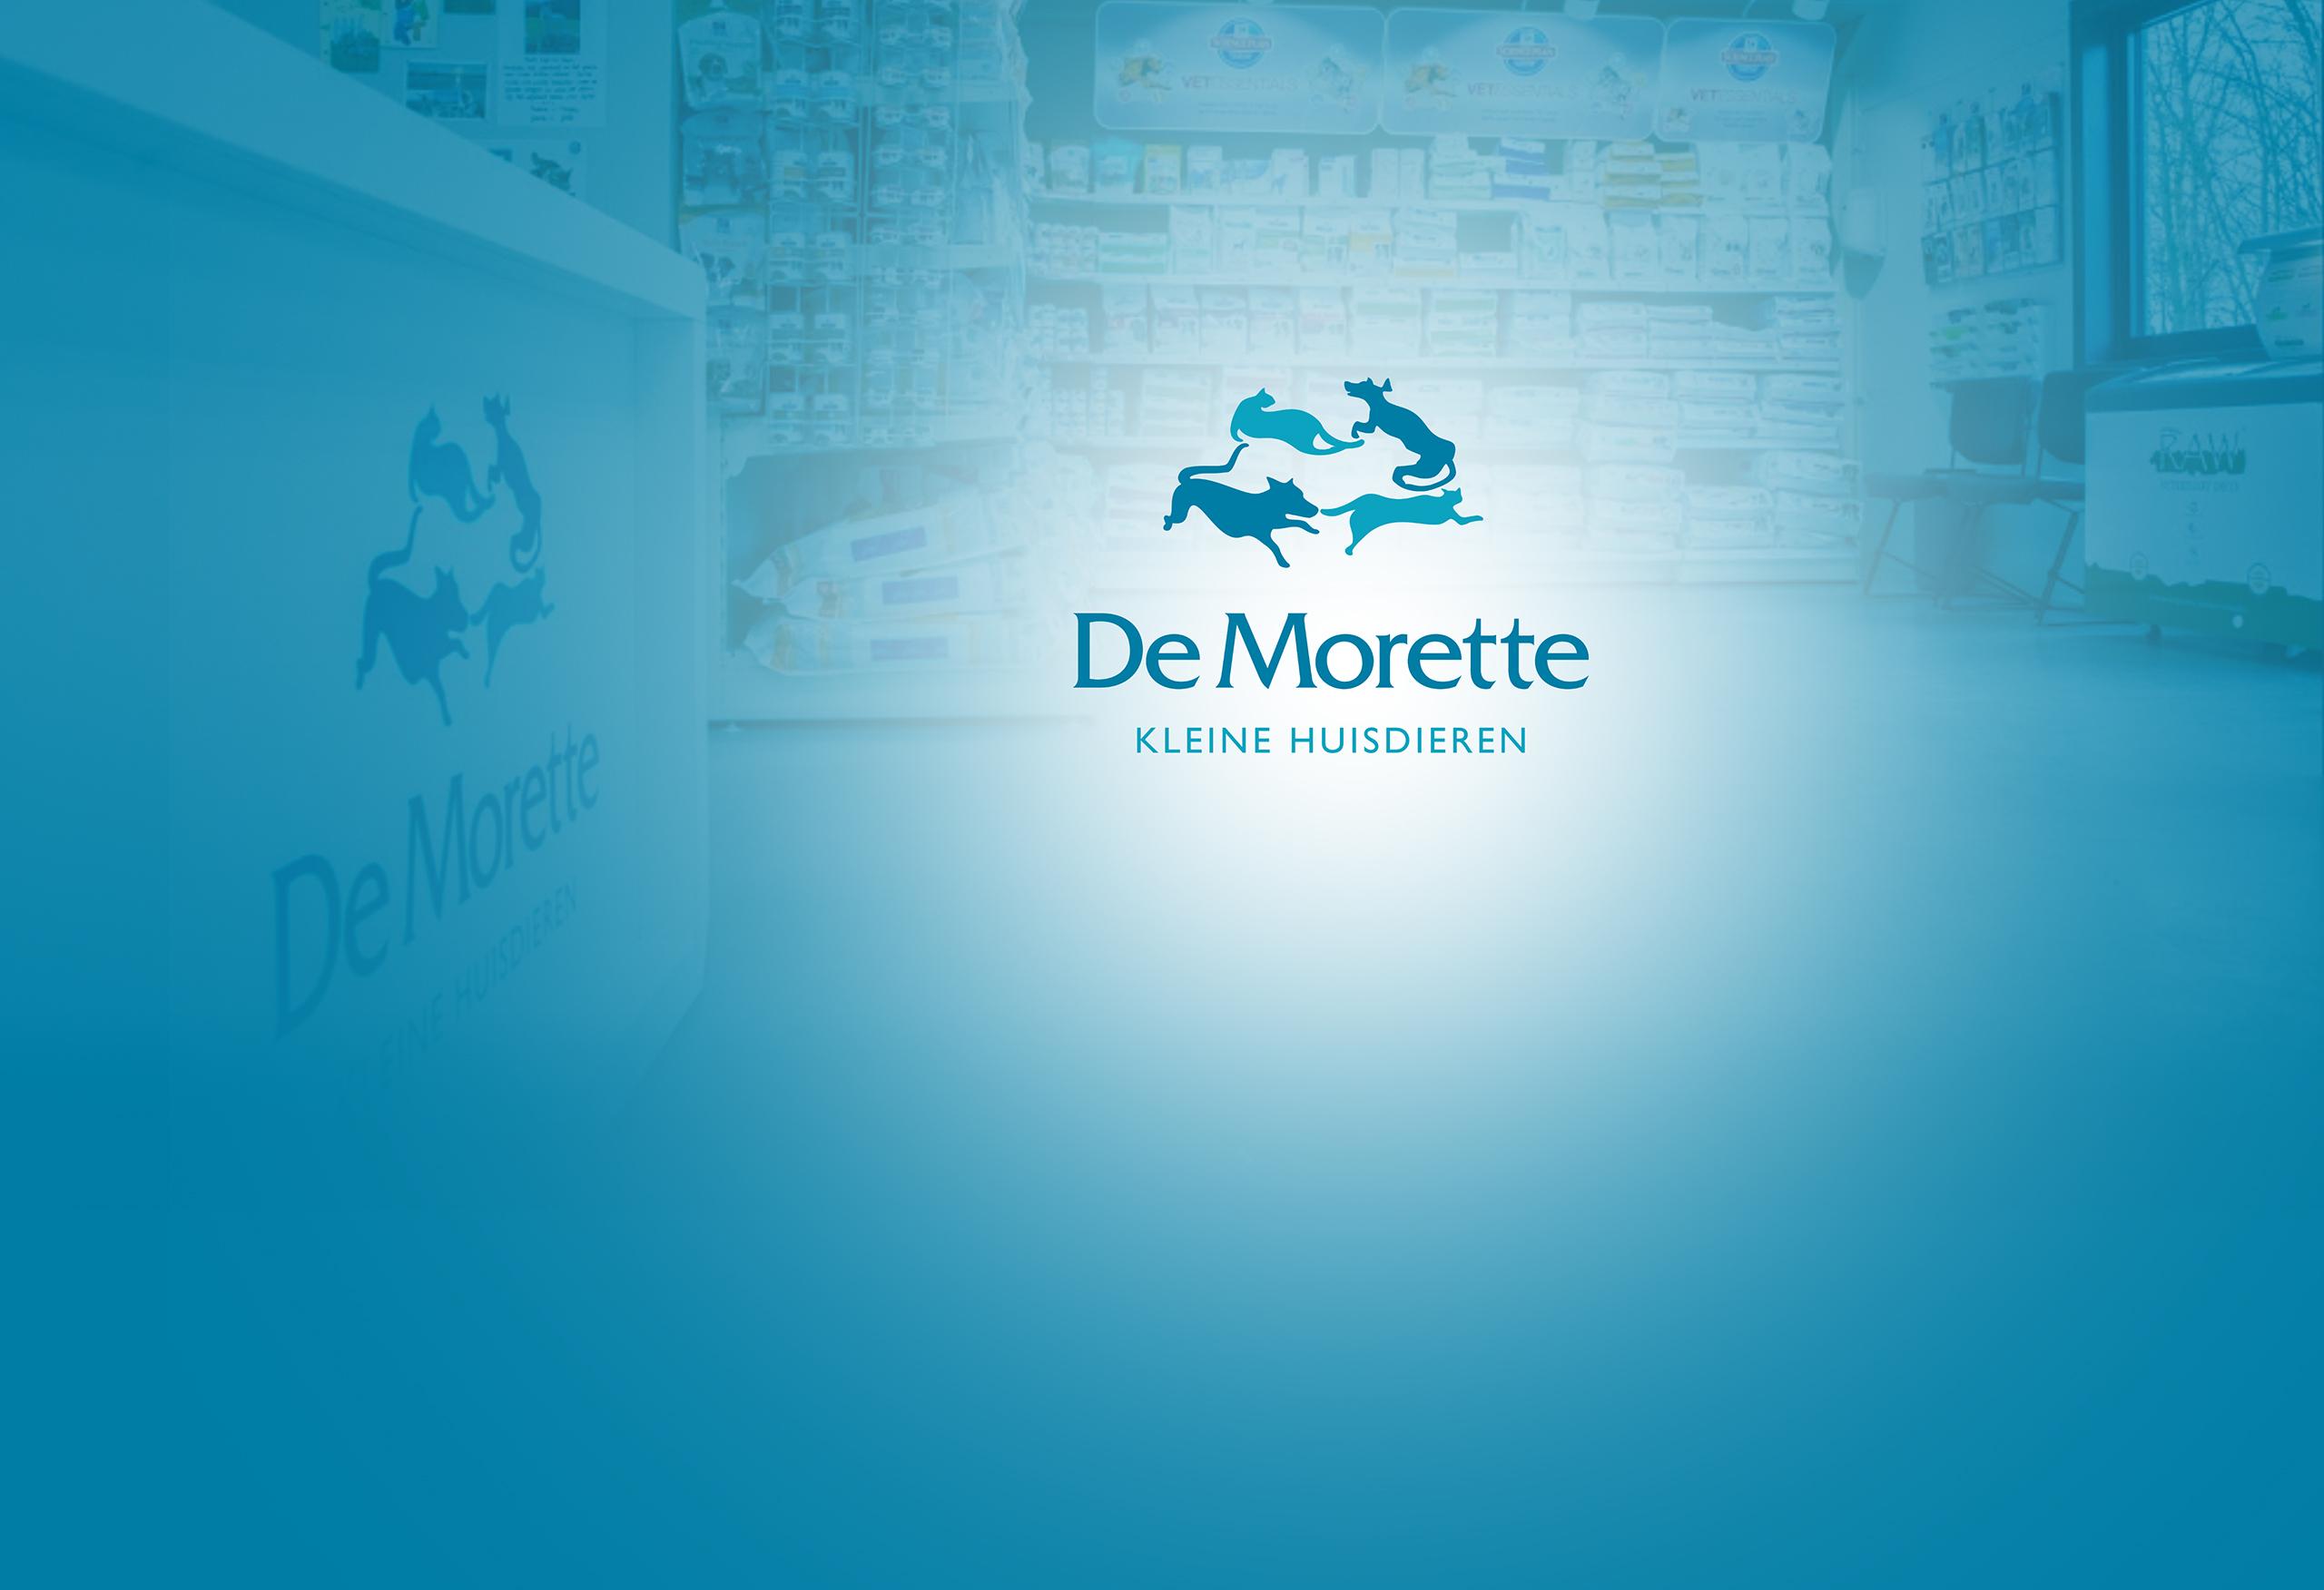 DE MORETTE KLEINE HUISDIEREN